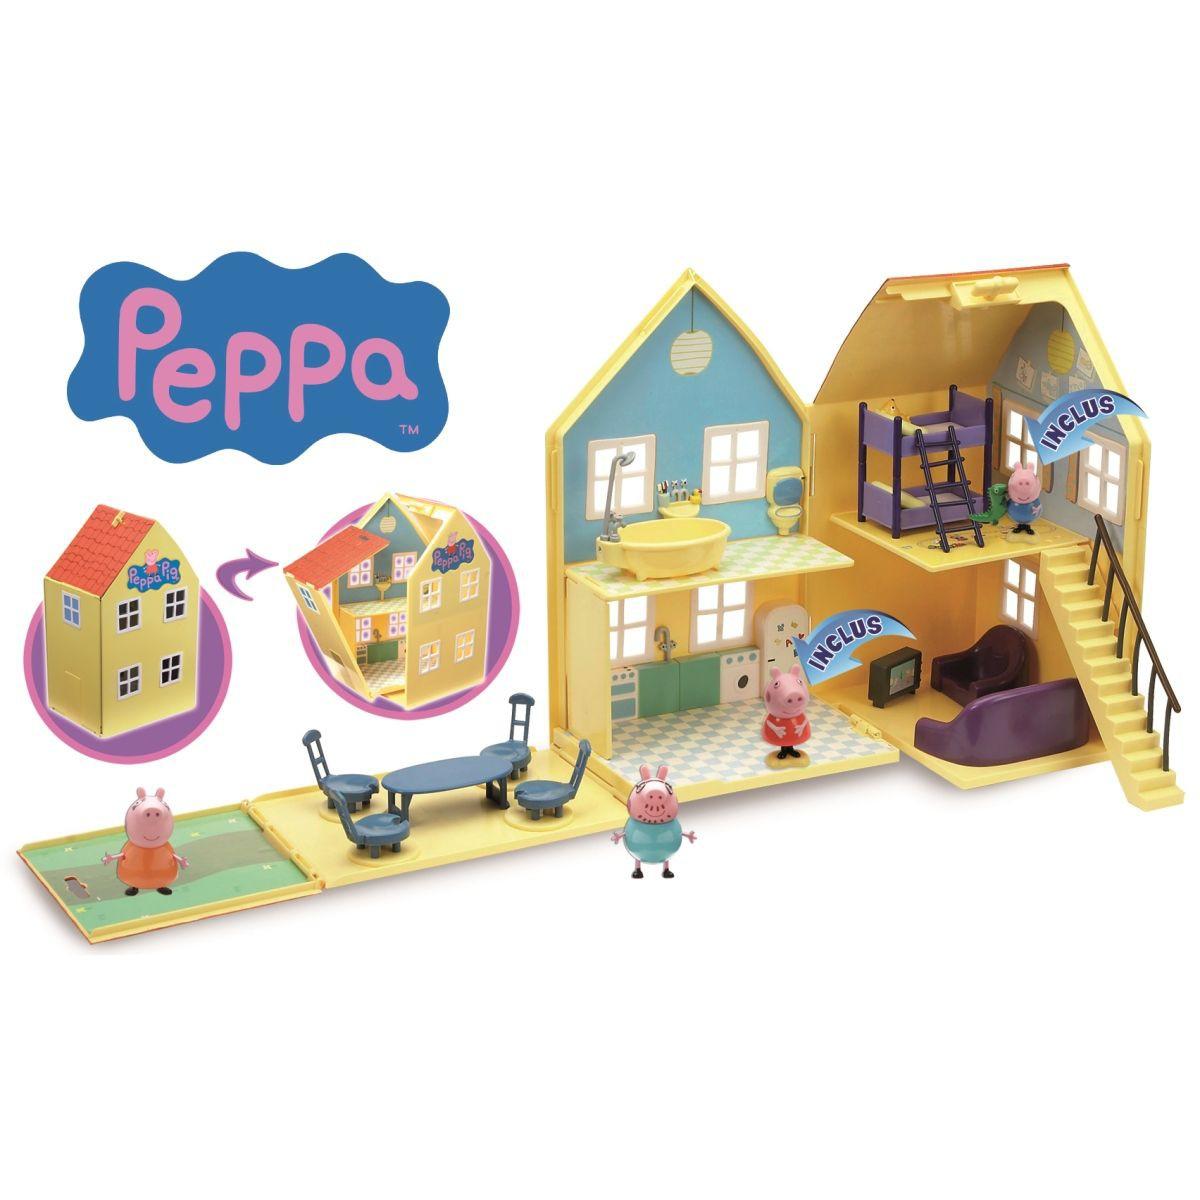 maison de peppa pig